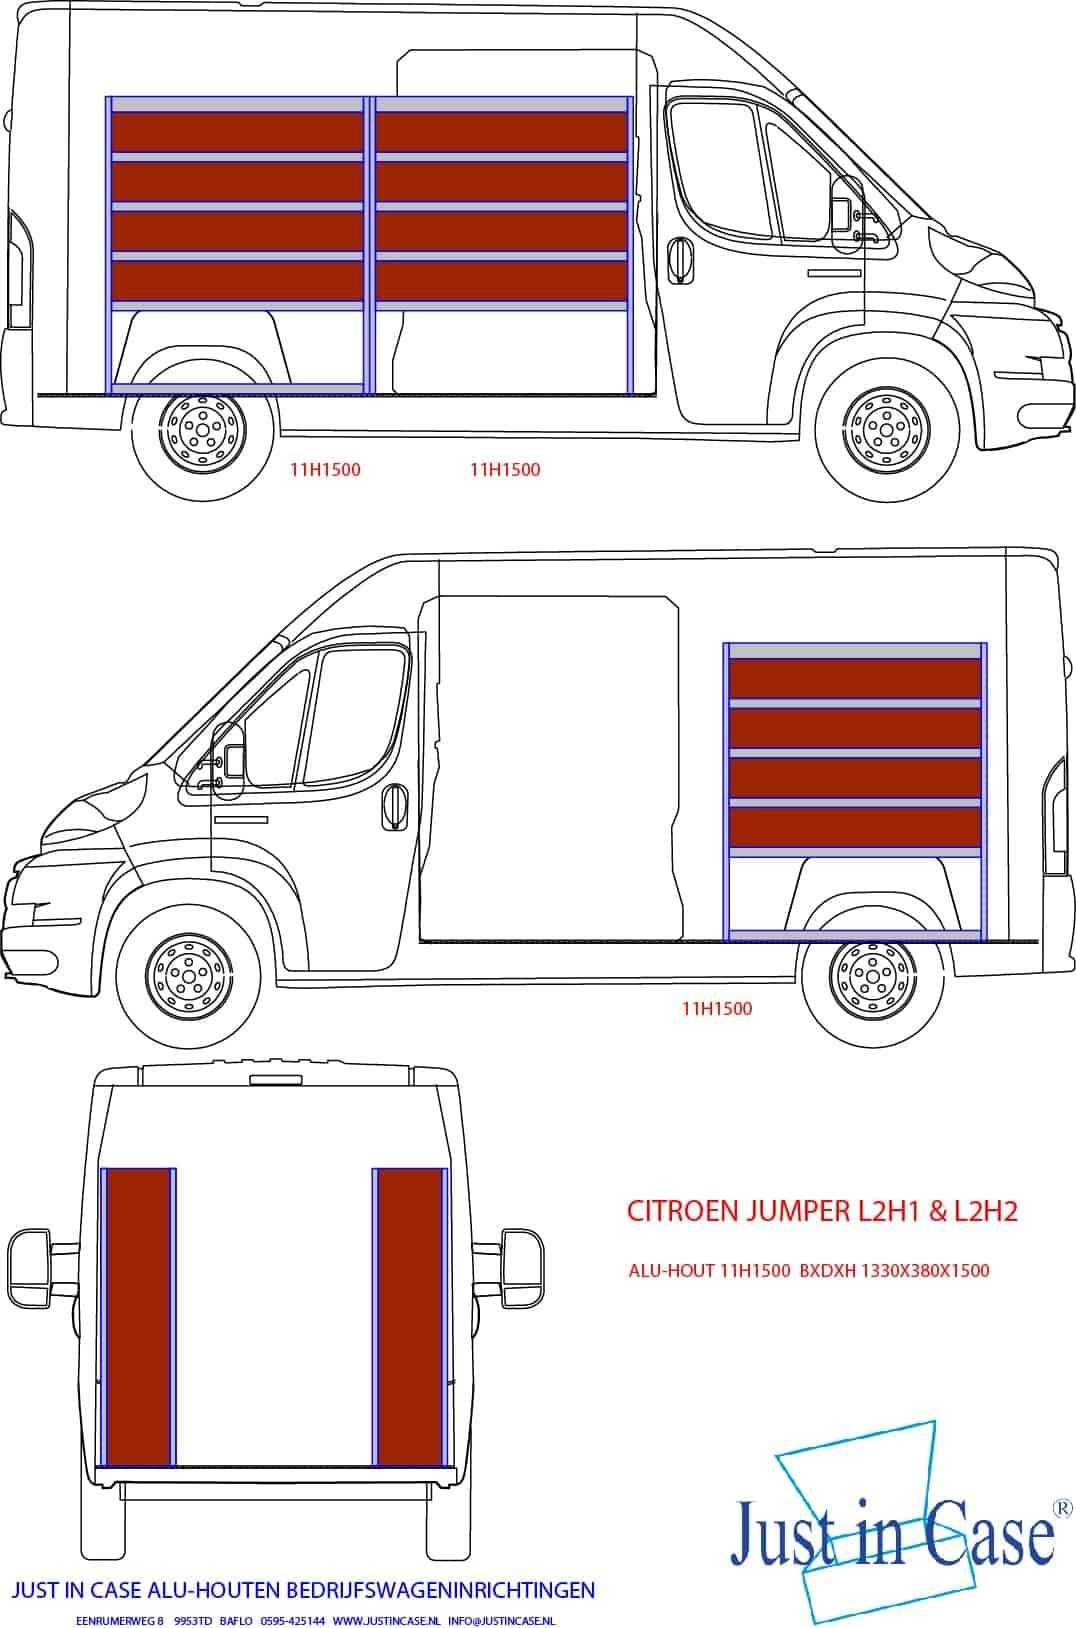 Citroën Jumper inrichting bedrijfswagen met stellingen